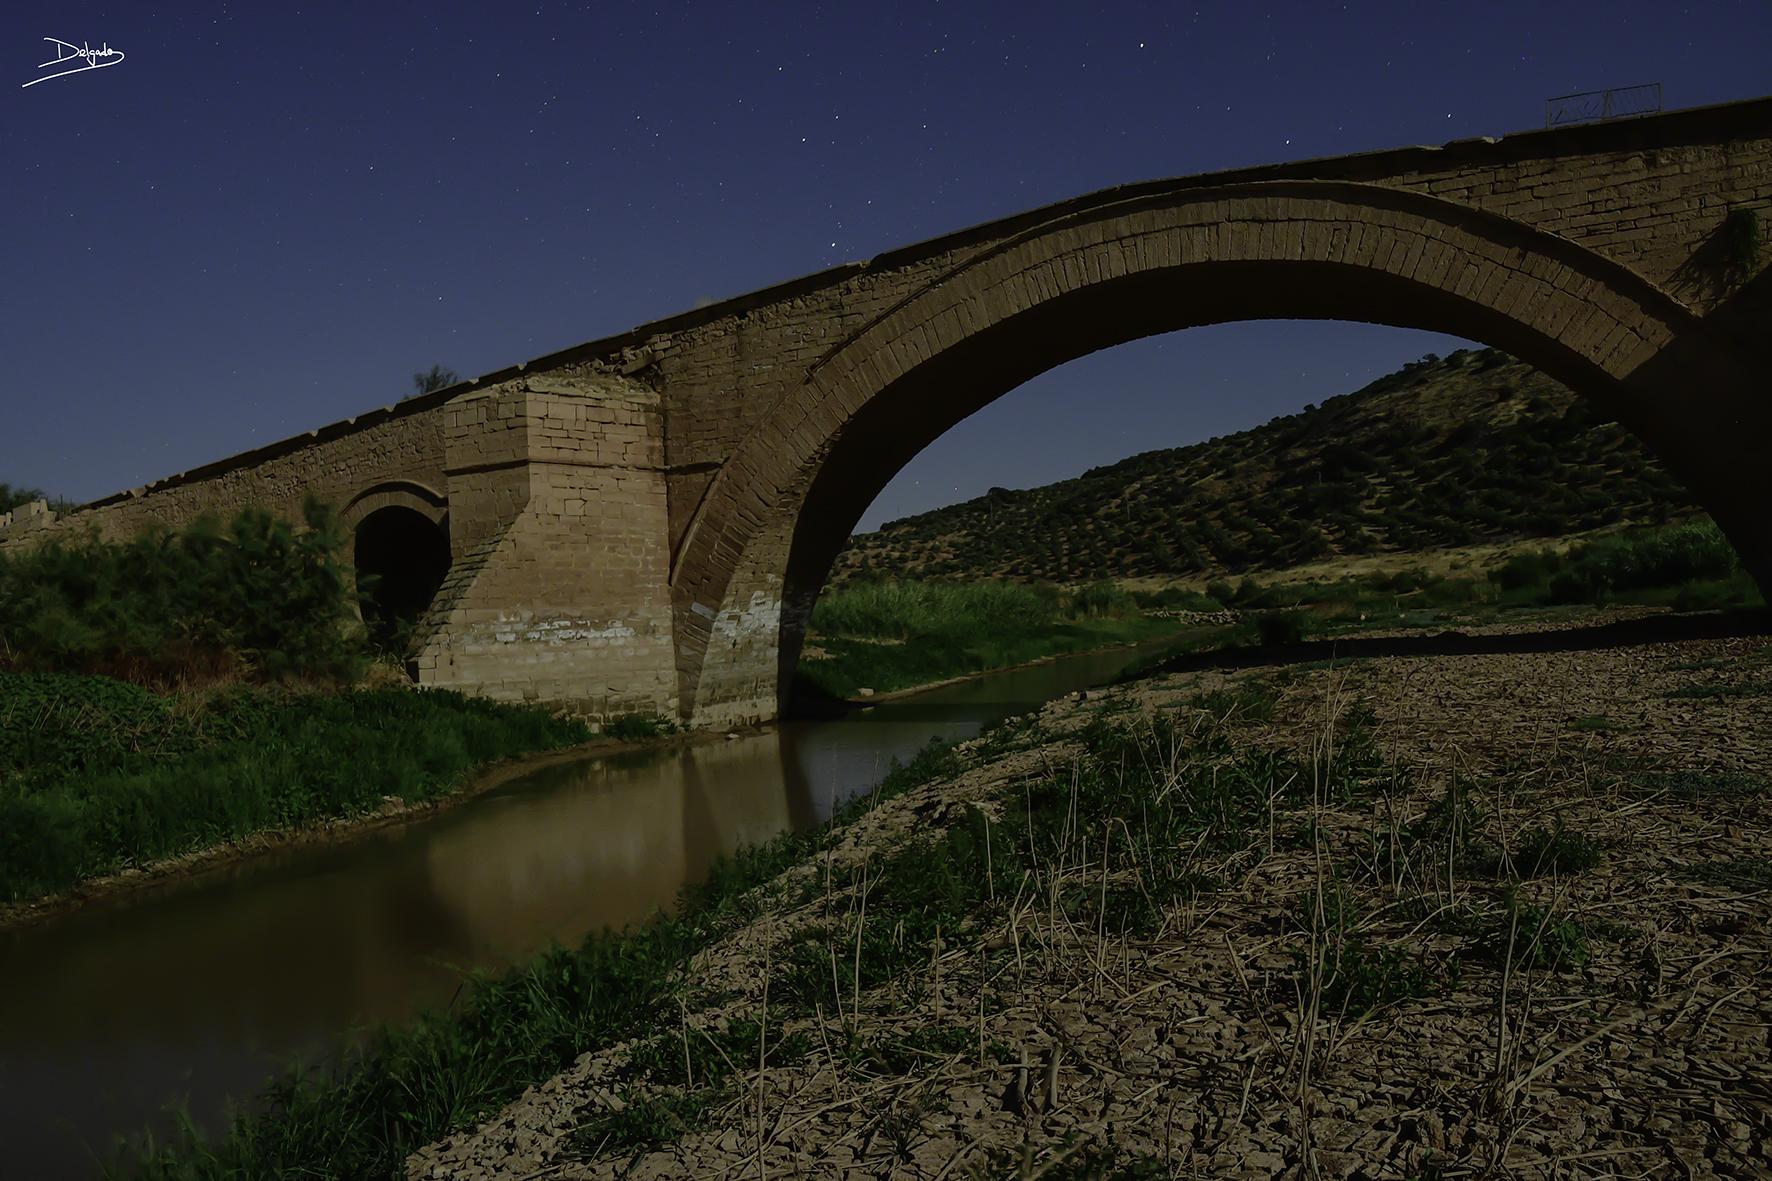 Foto del día: lluvia de estrellas en el Puente Ariza